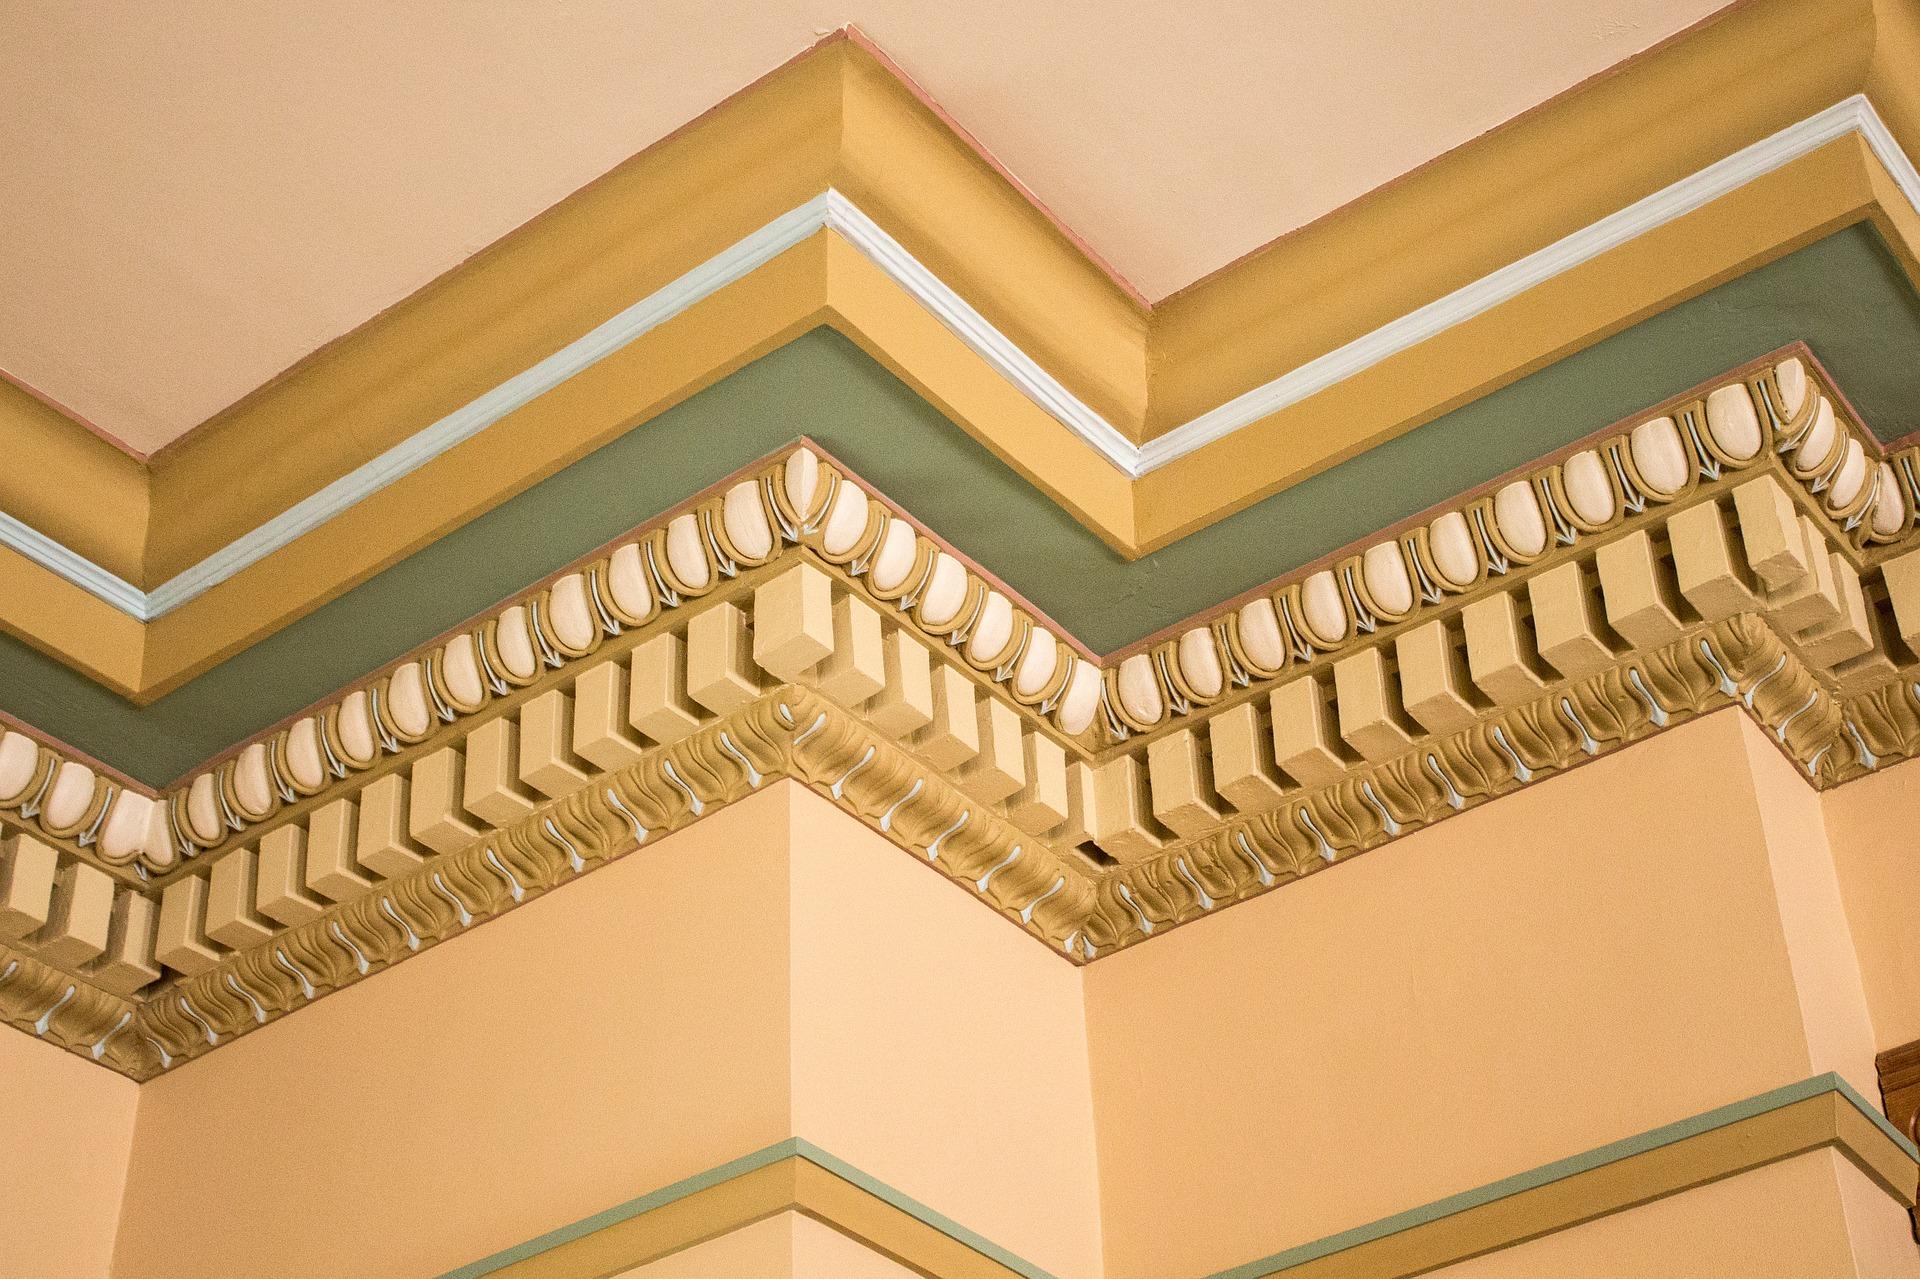 decoracin de techos altos con molduras en la pared